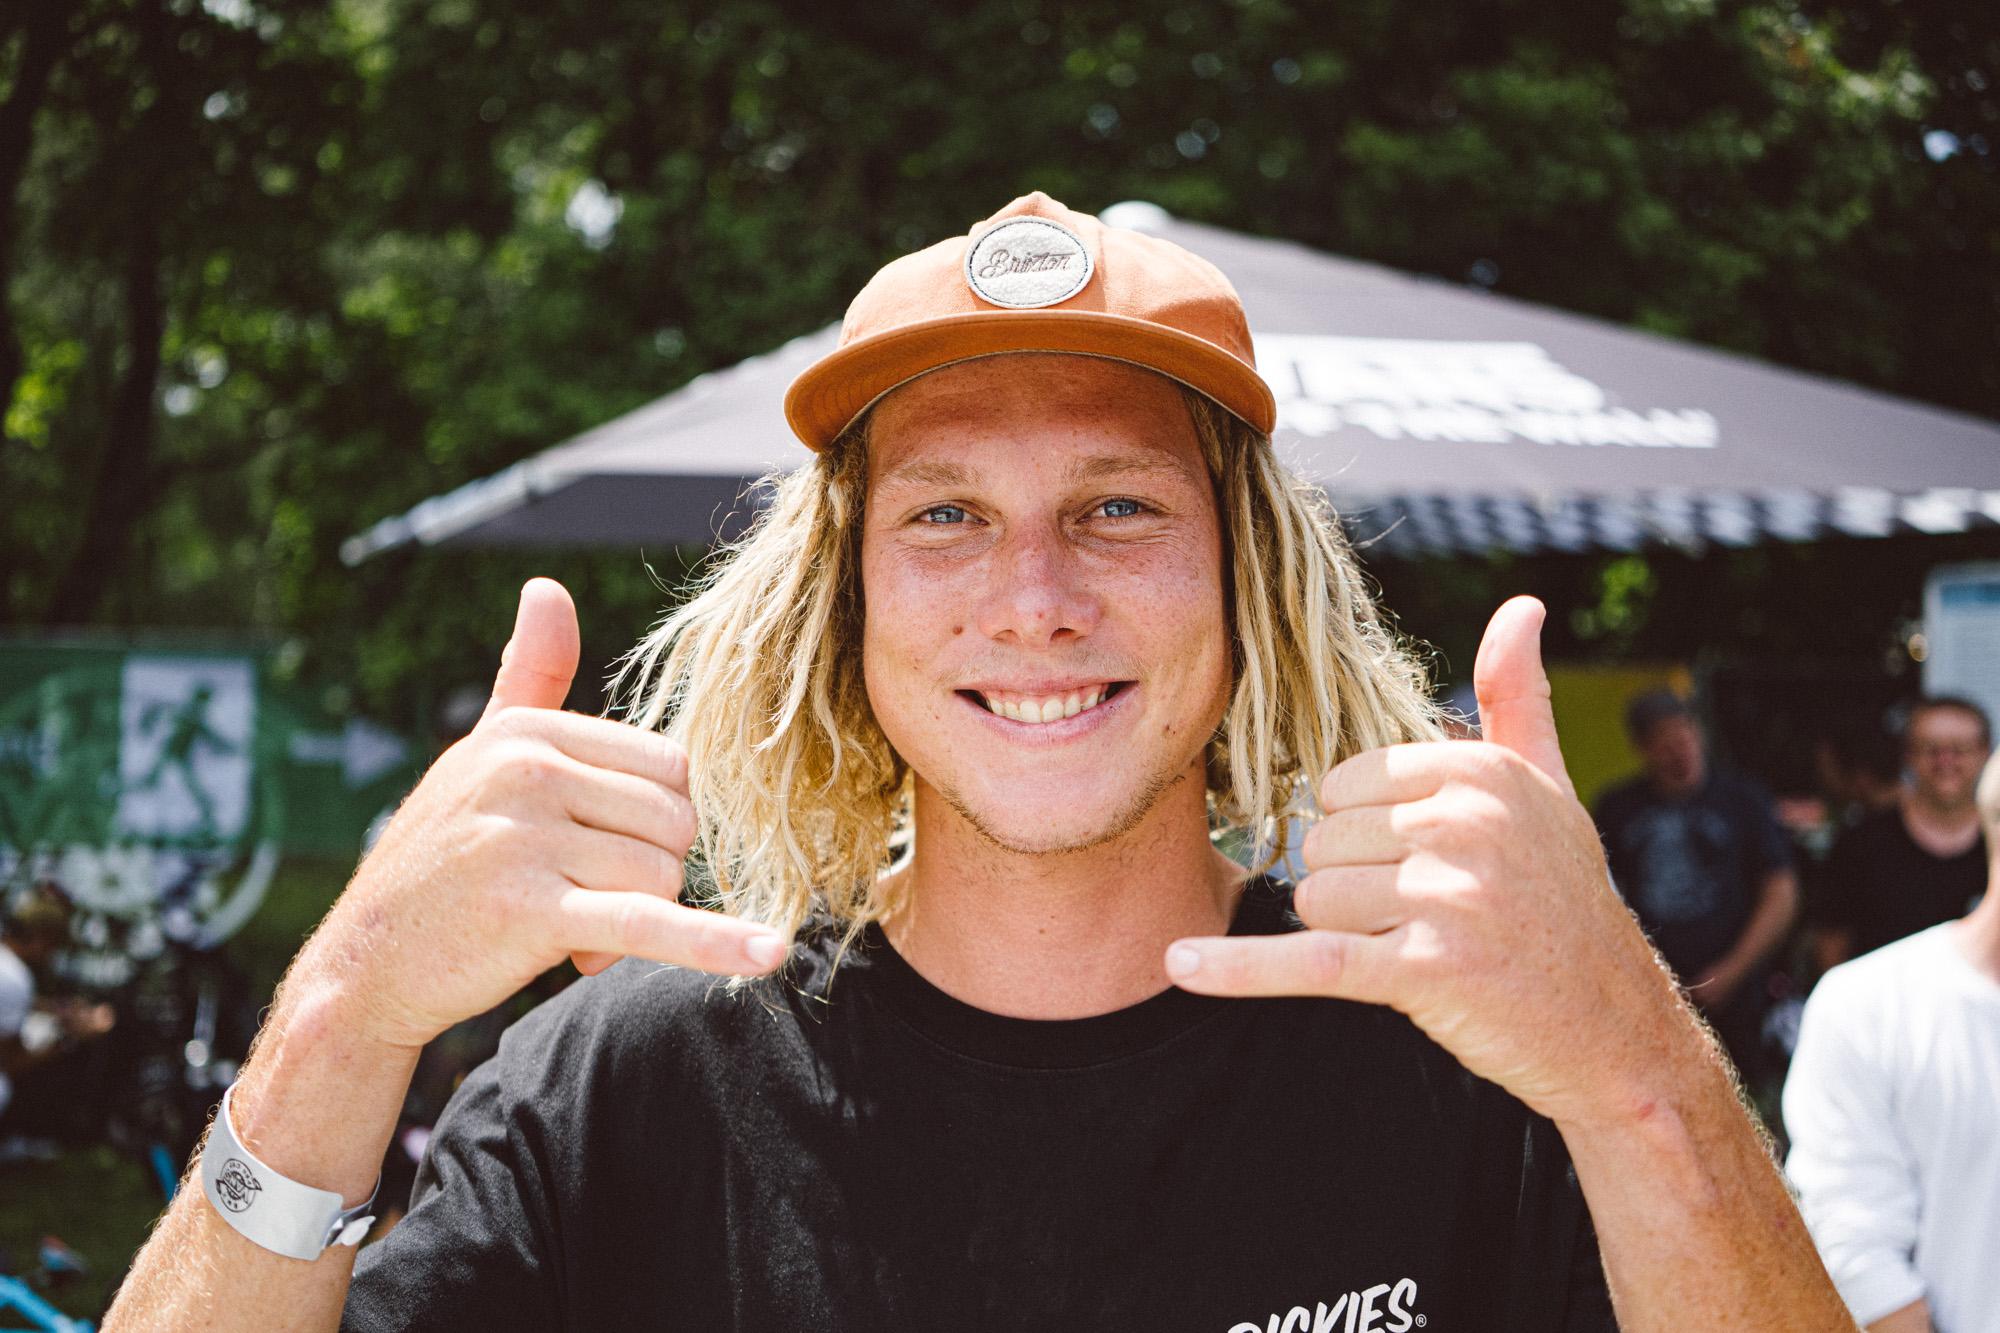 Boyd Hilder war Teil der riesigen Reisegruppe aus Australien, die extra für den VANS BMX Pro Cup und die BMX Worlds in Köln nach Deutschland gekommen war; Foto: Merlin Czarnulla